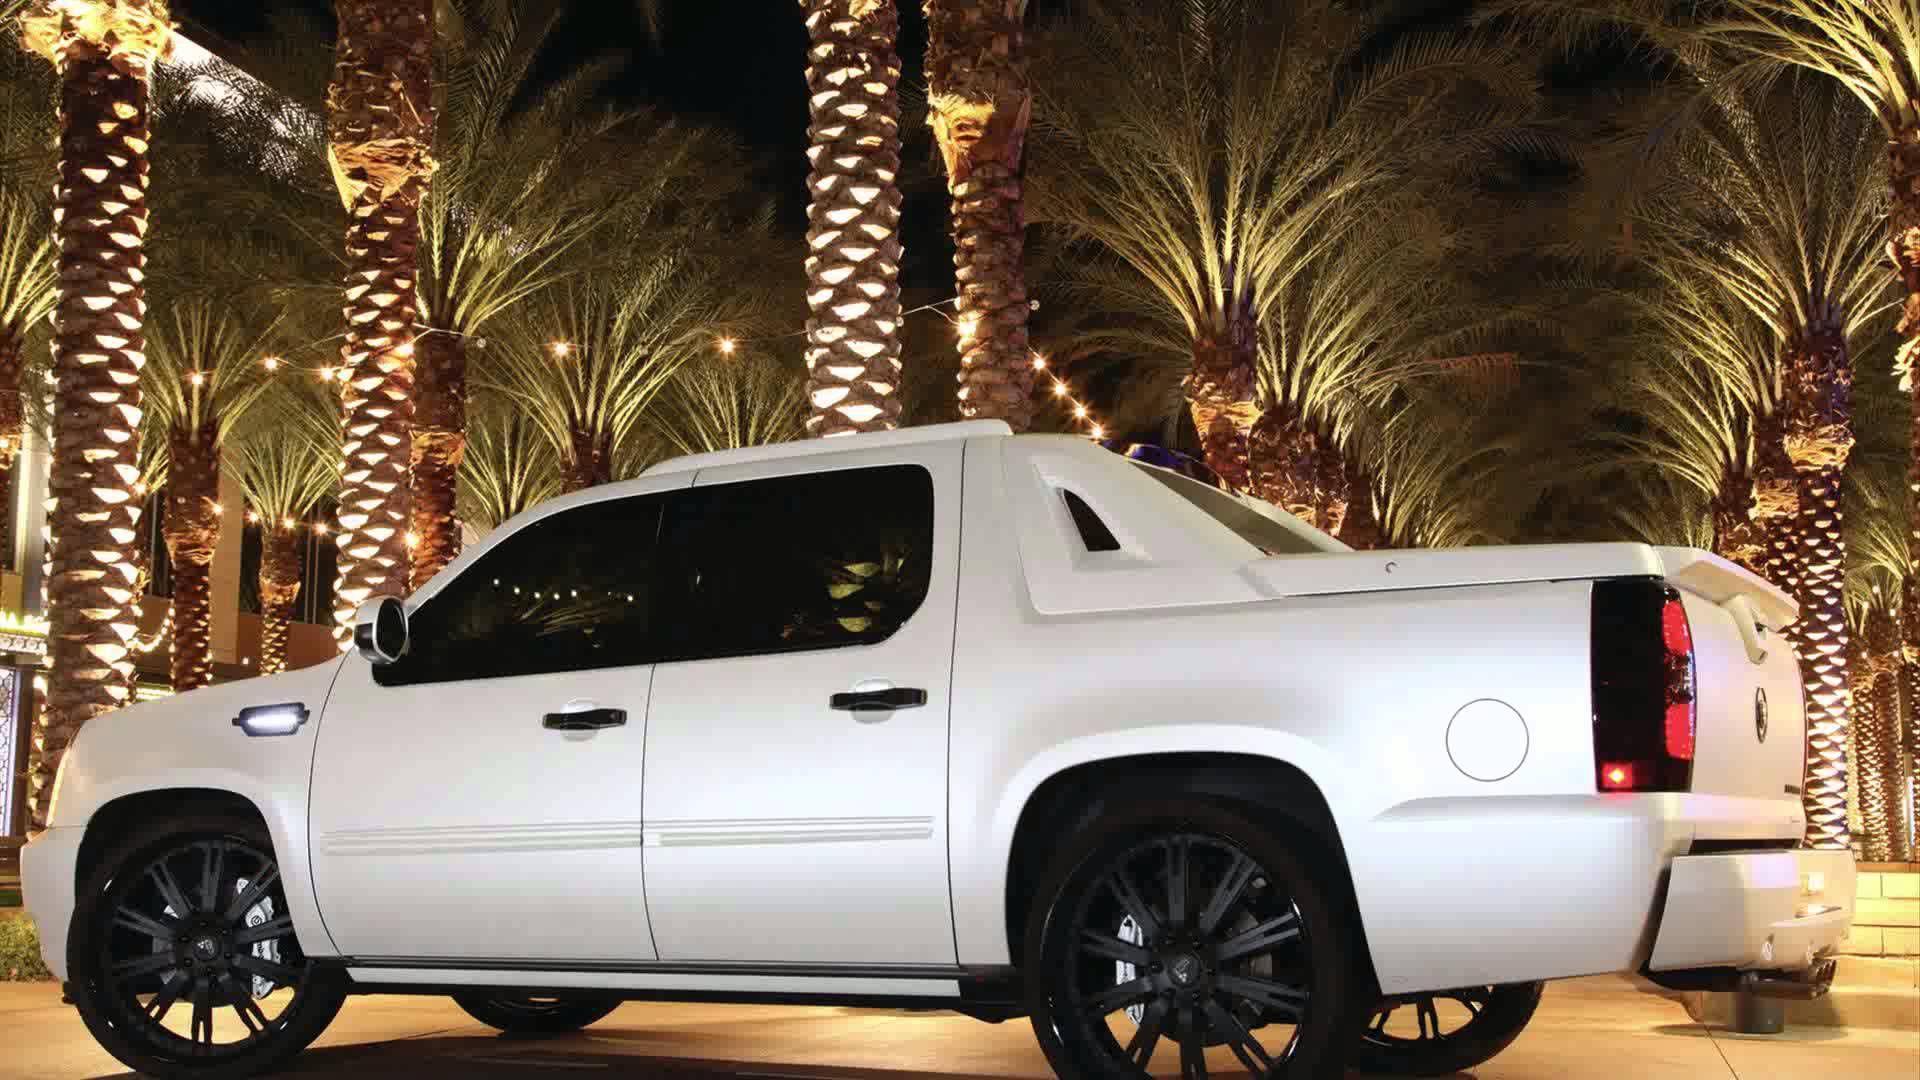 ボード Luxury Cars Videos のピン